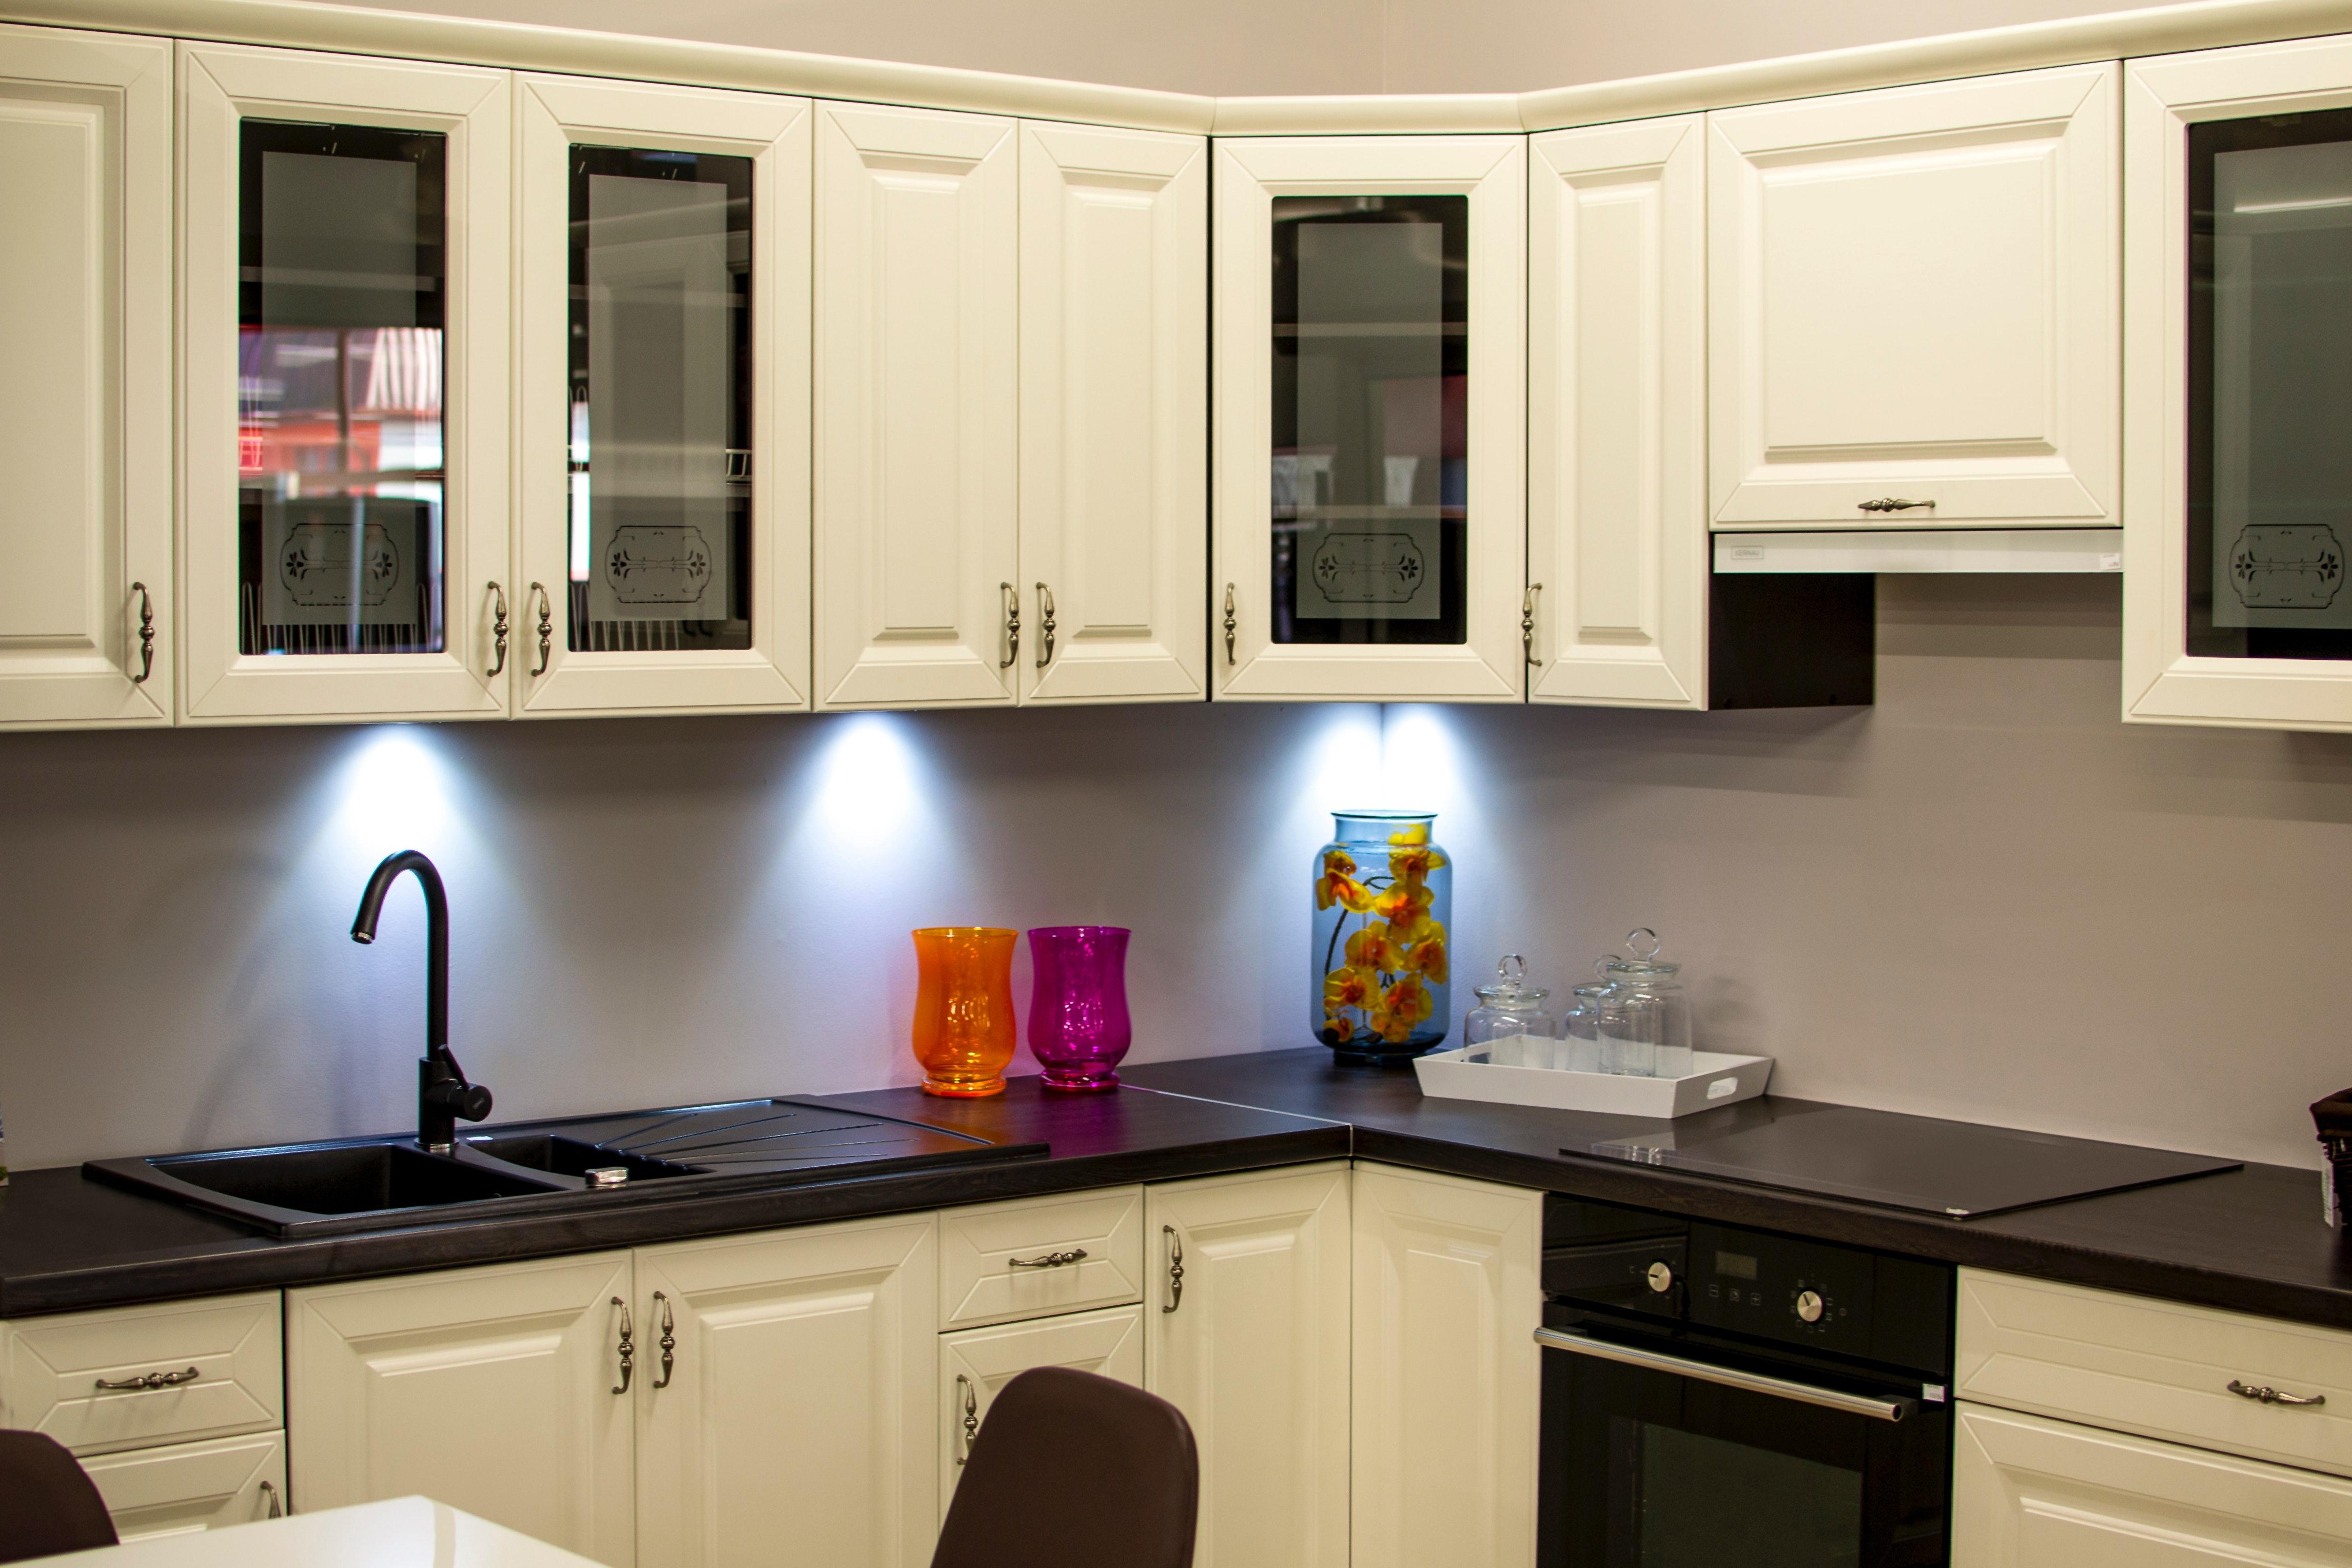 Самите вратички на шкафовете може да почистете от мазнината с препарат и пребоядисайте в светъл цвят. Бялото е универсално, но само ако може да боядисвате дадения вид материал.